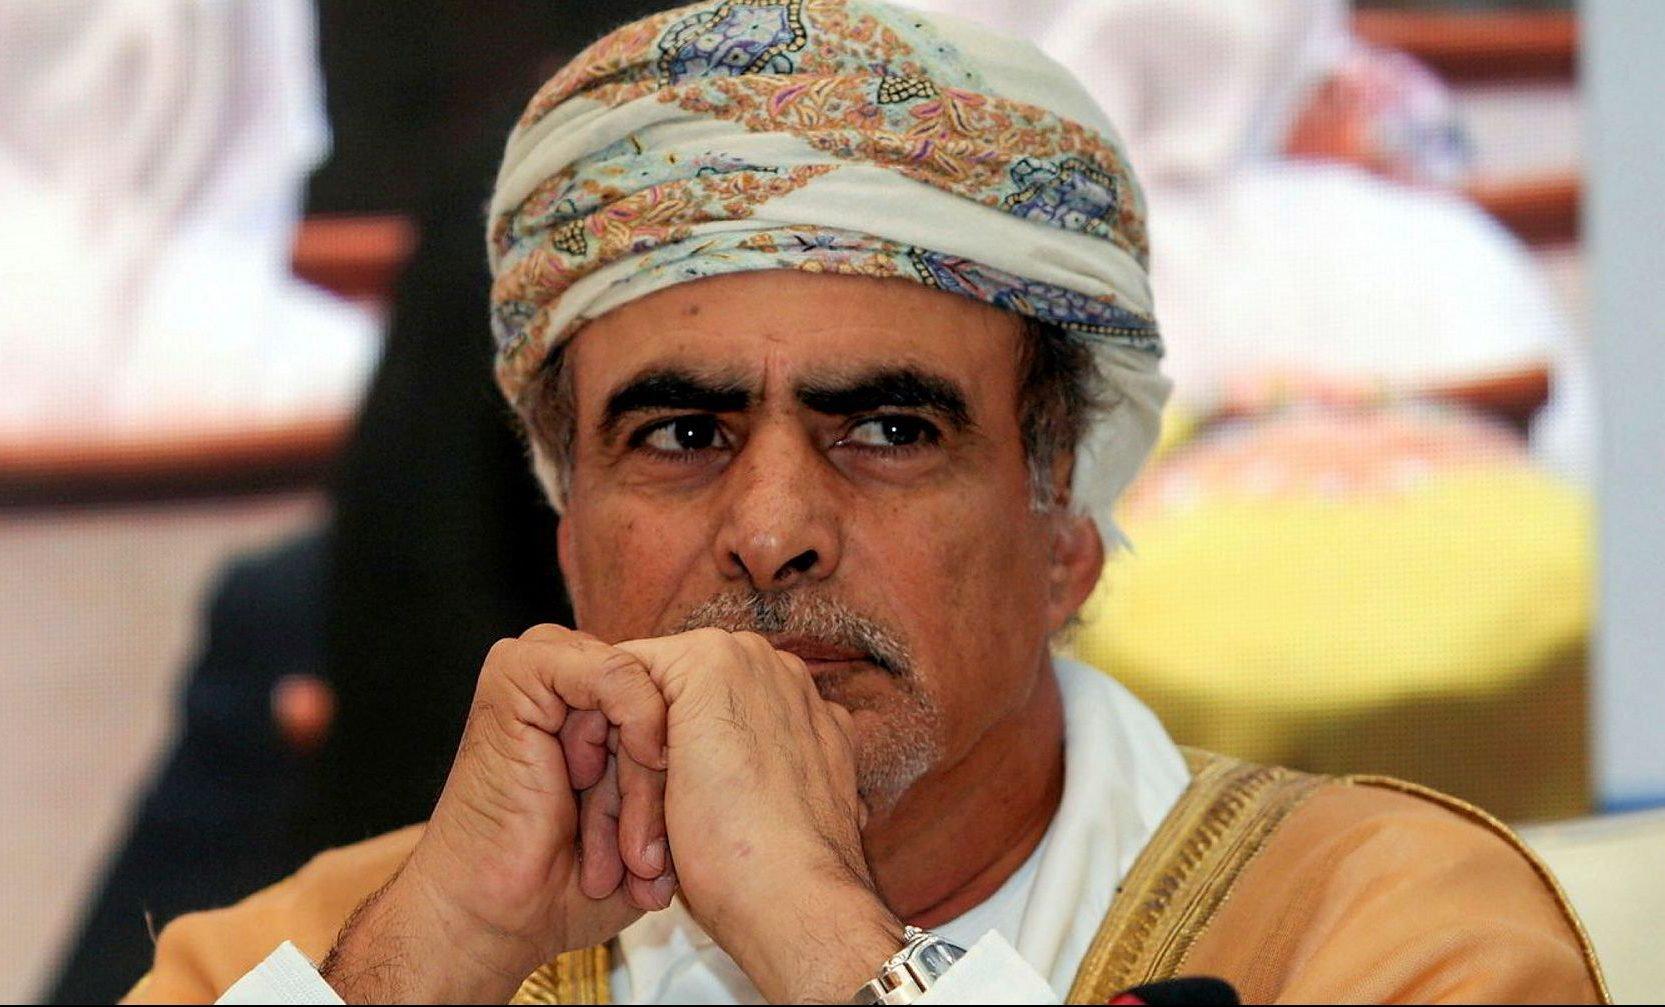 وزير-الطاقة-العماني-إعصار-شاهين